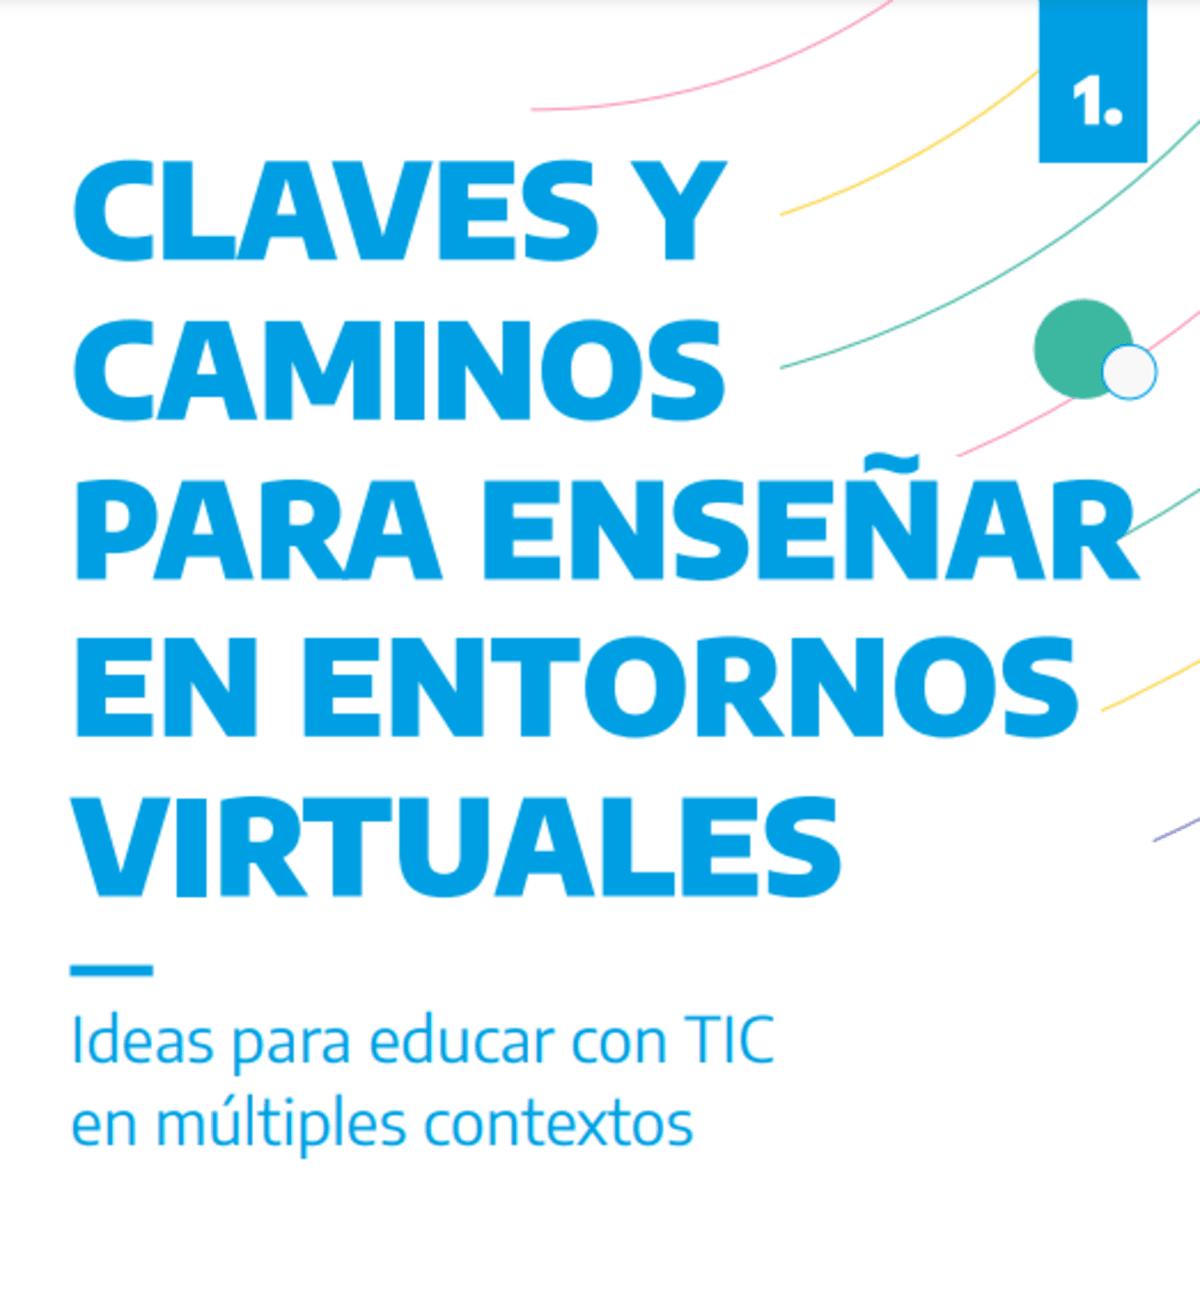 Enseñar en Entornos Virtuales - Claves y Caminos para Educar con TIC.